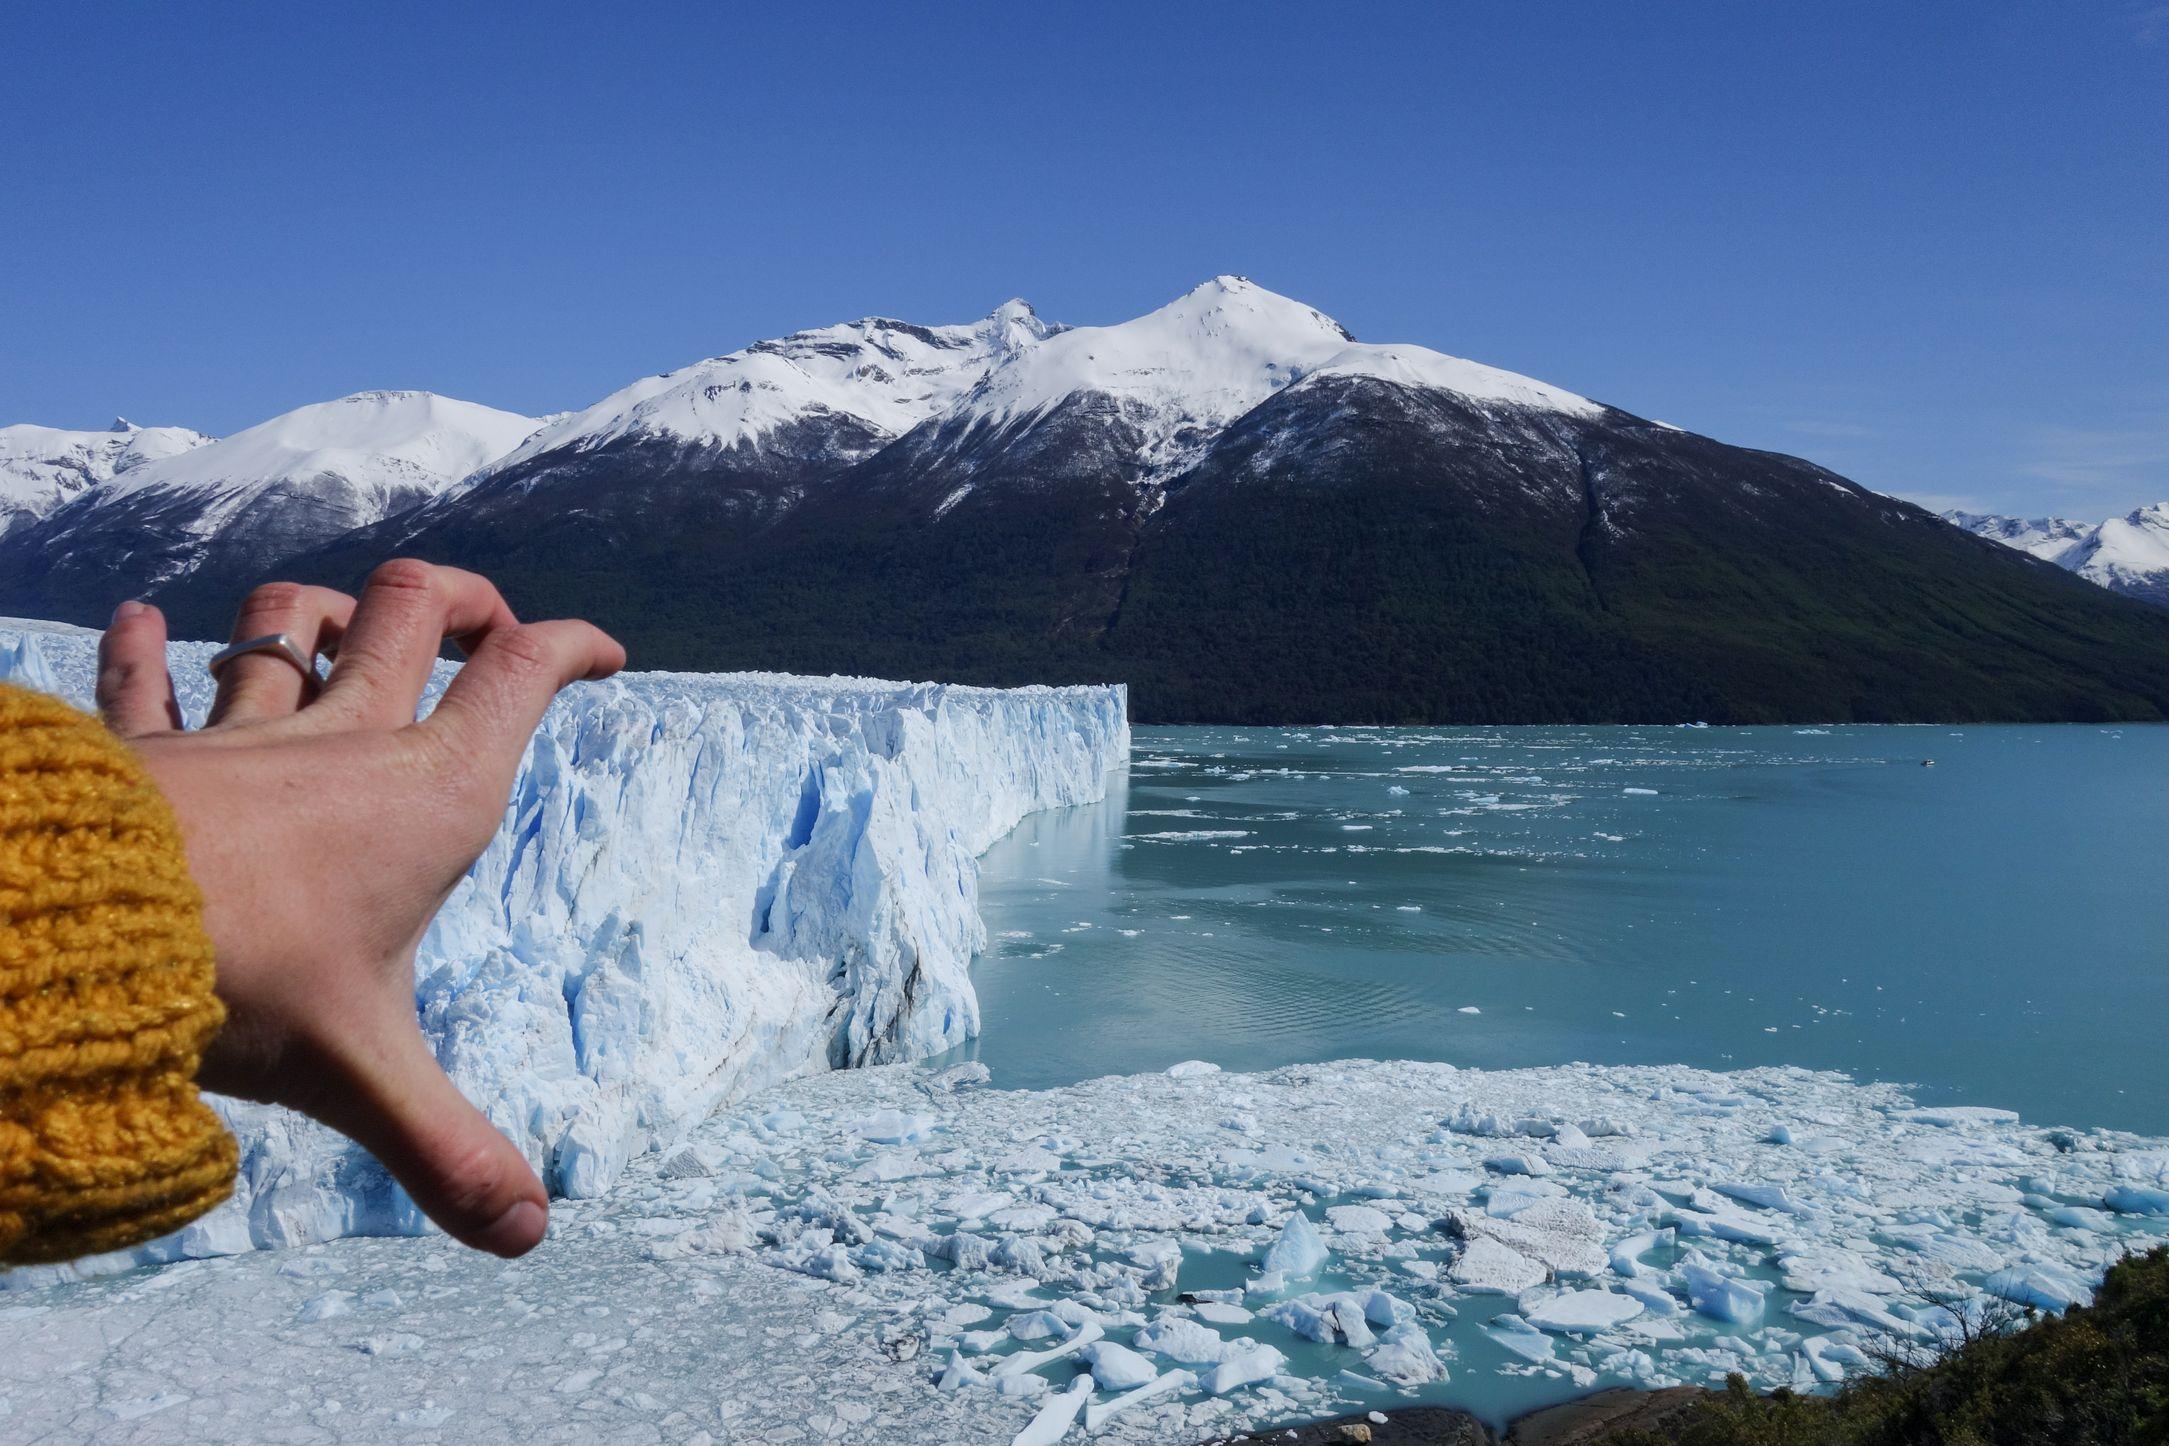 Glacier_Perito_Moreno_miniature